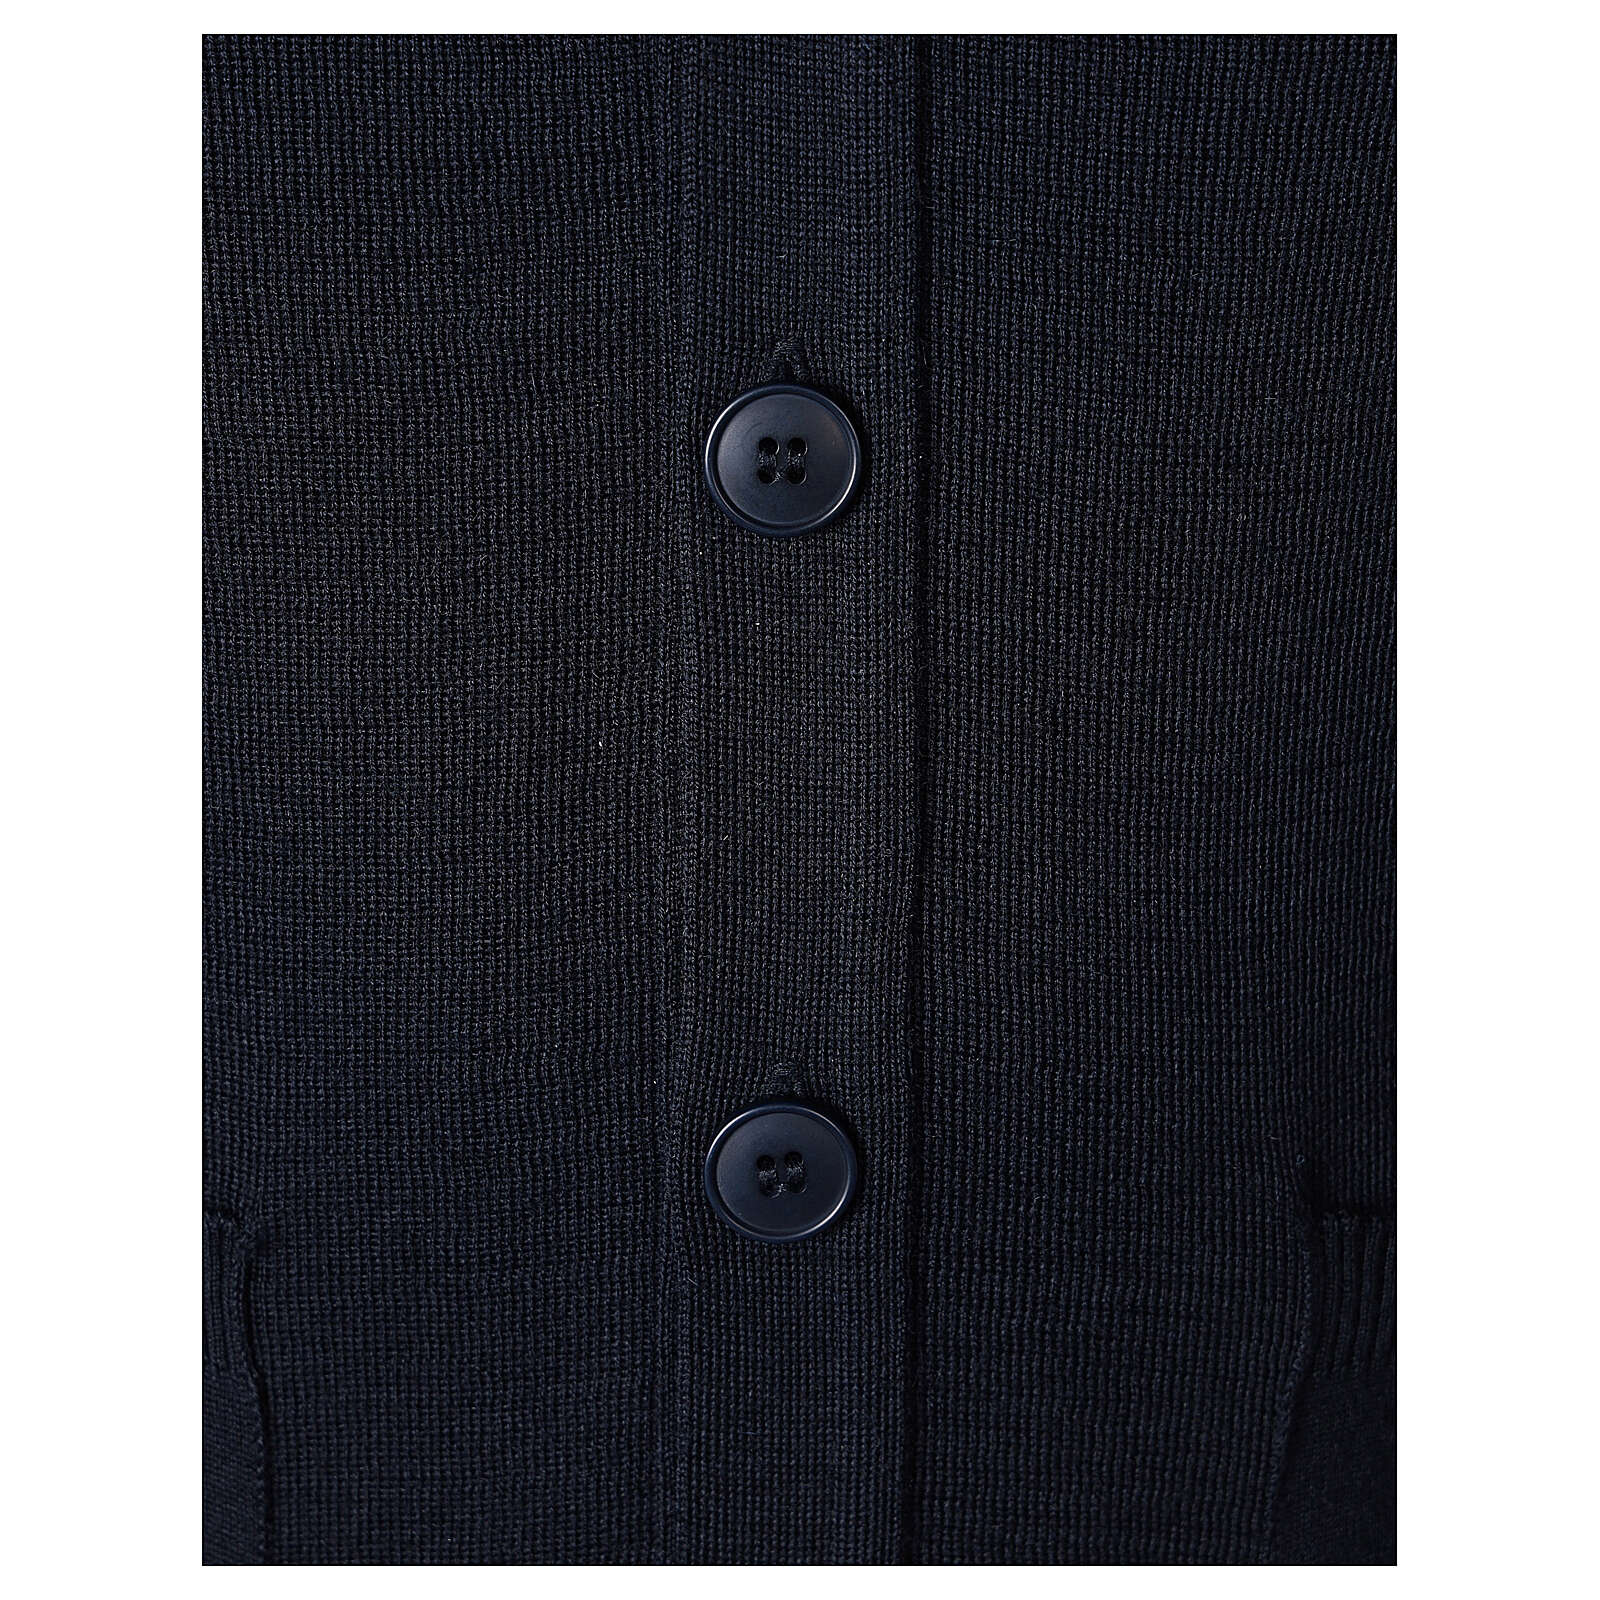 Giacca sacerdote blu tasche bottoni TAGLIE CONF. 50% merino 50% acr. In Primis 4